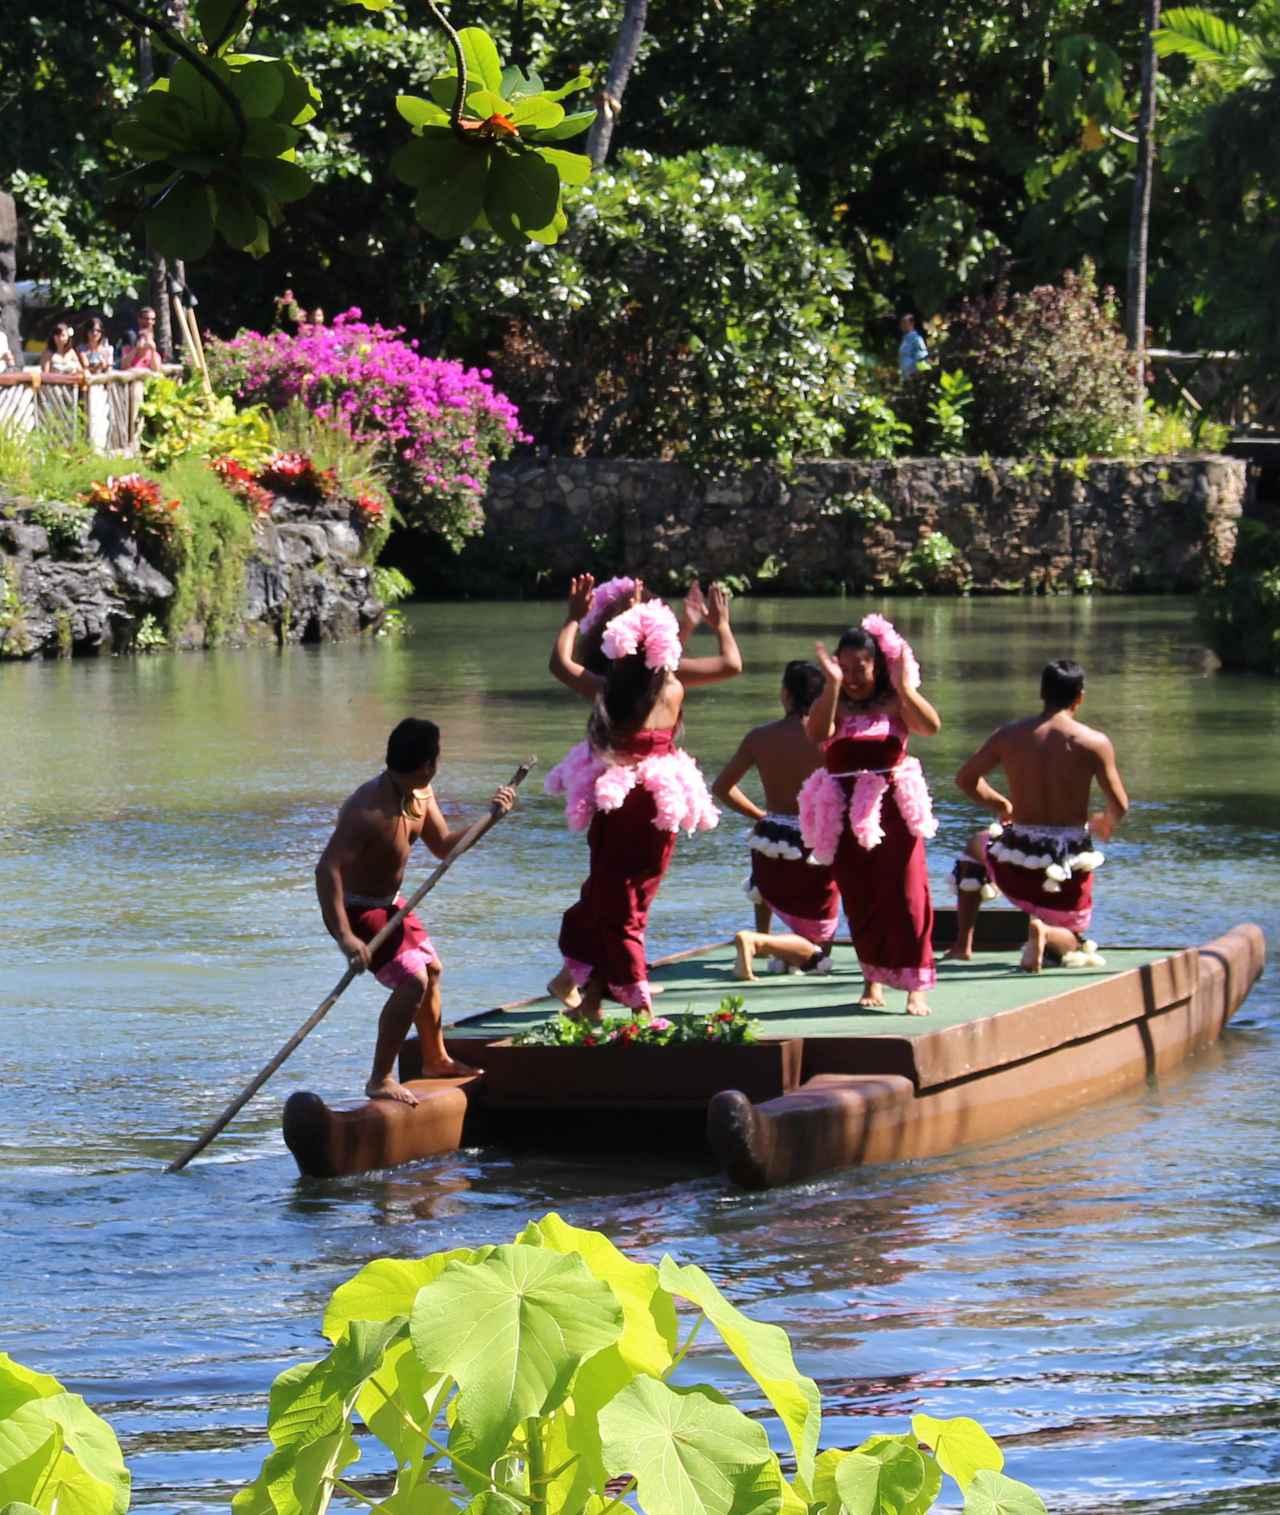 画像: オアフ島のポリネシア・カルチャー・センター ここで行われる「HĀ:ブレス・オブ・ライフ」はハワイで一番クオリティーが高いルアウ・ショーとしてクラブツーリズムのお客様にも大人気です (撮影:YUKO)